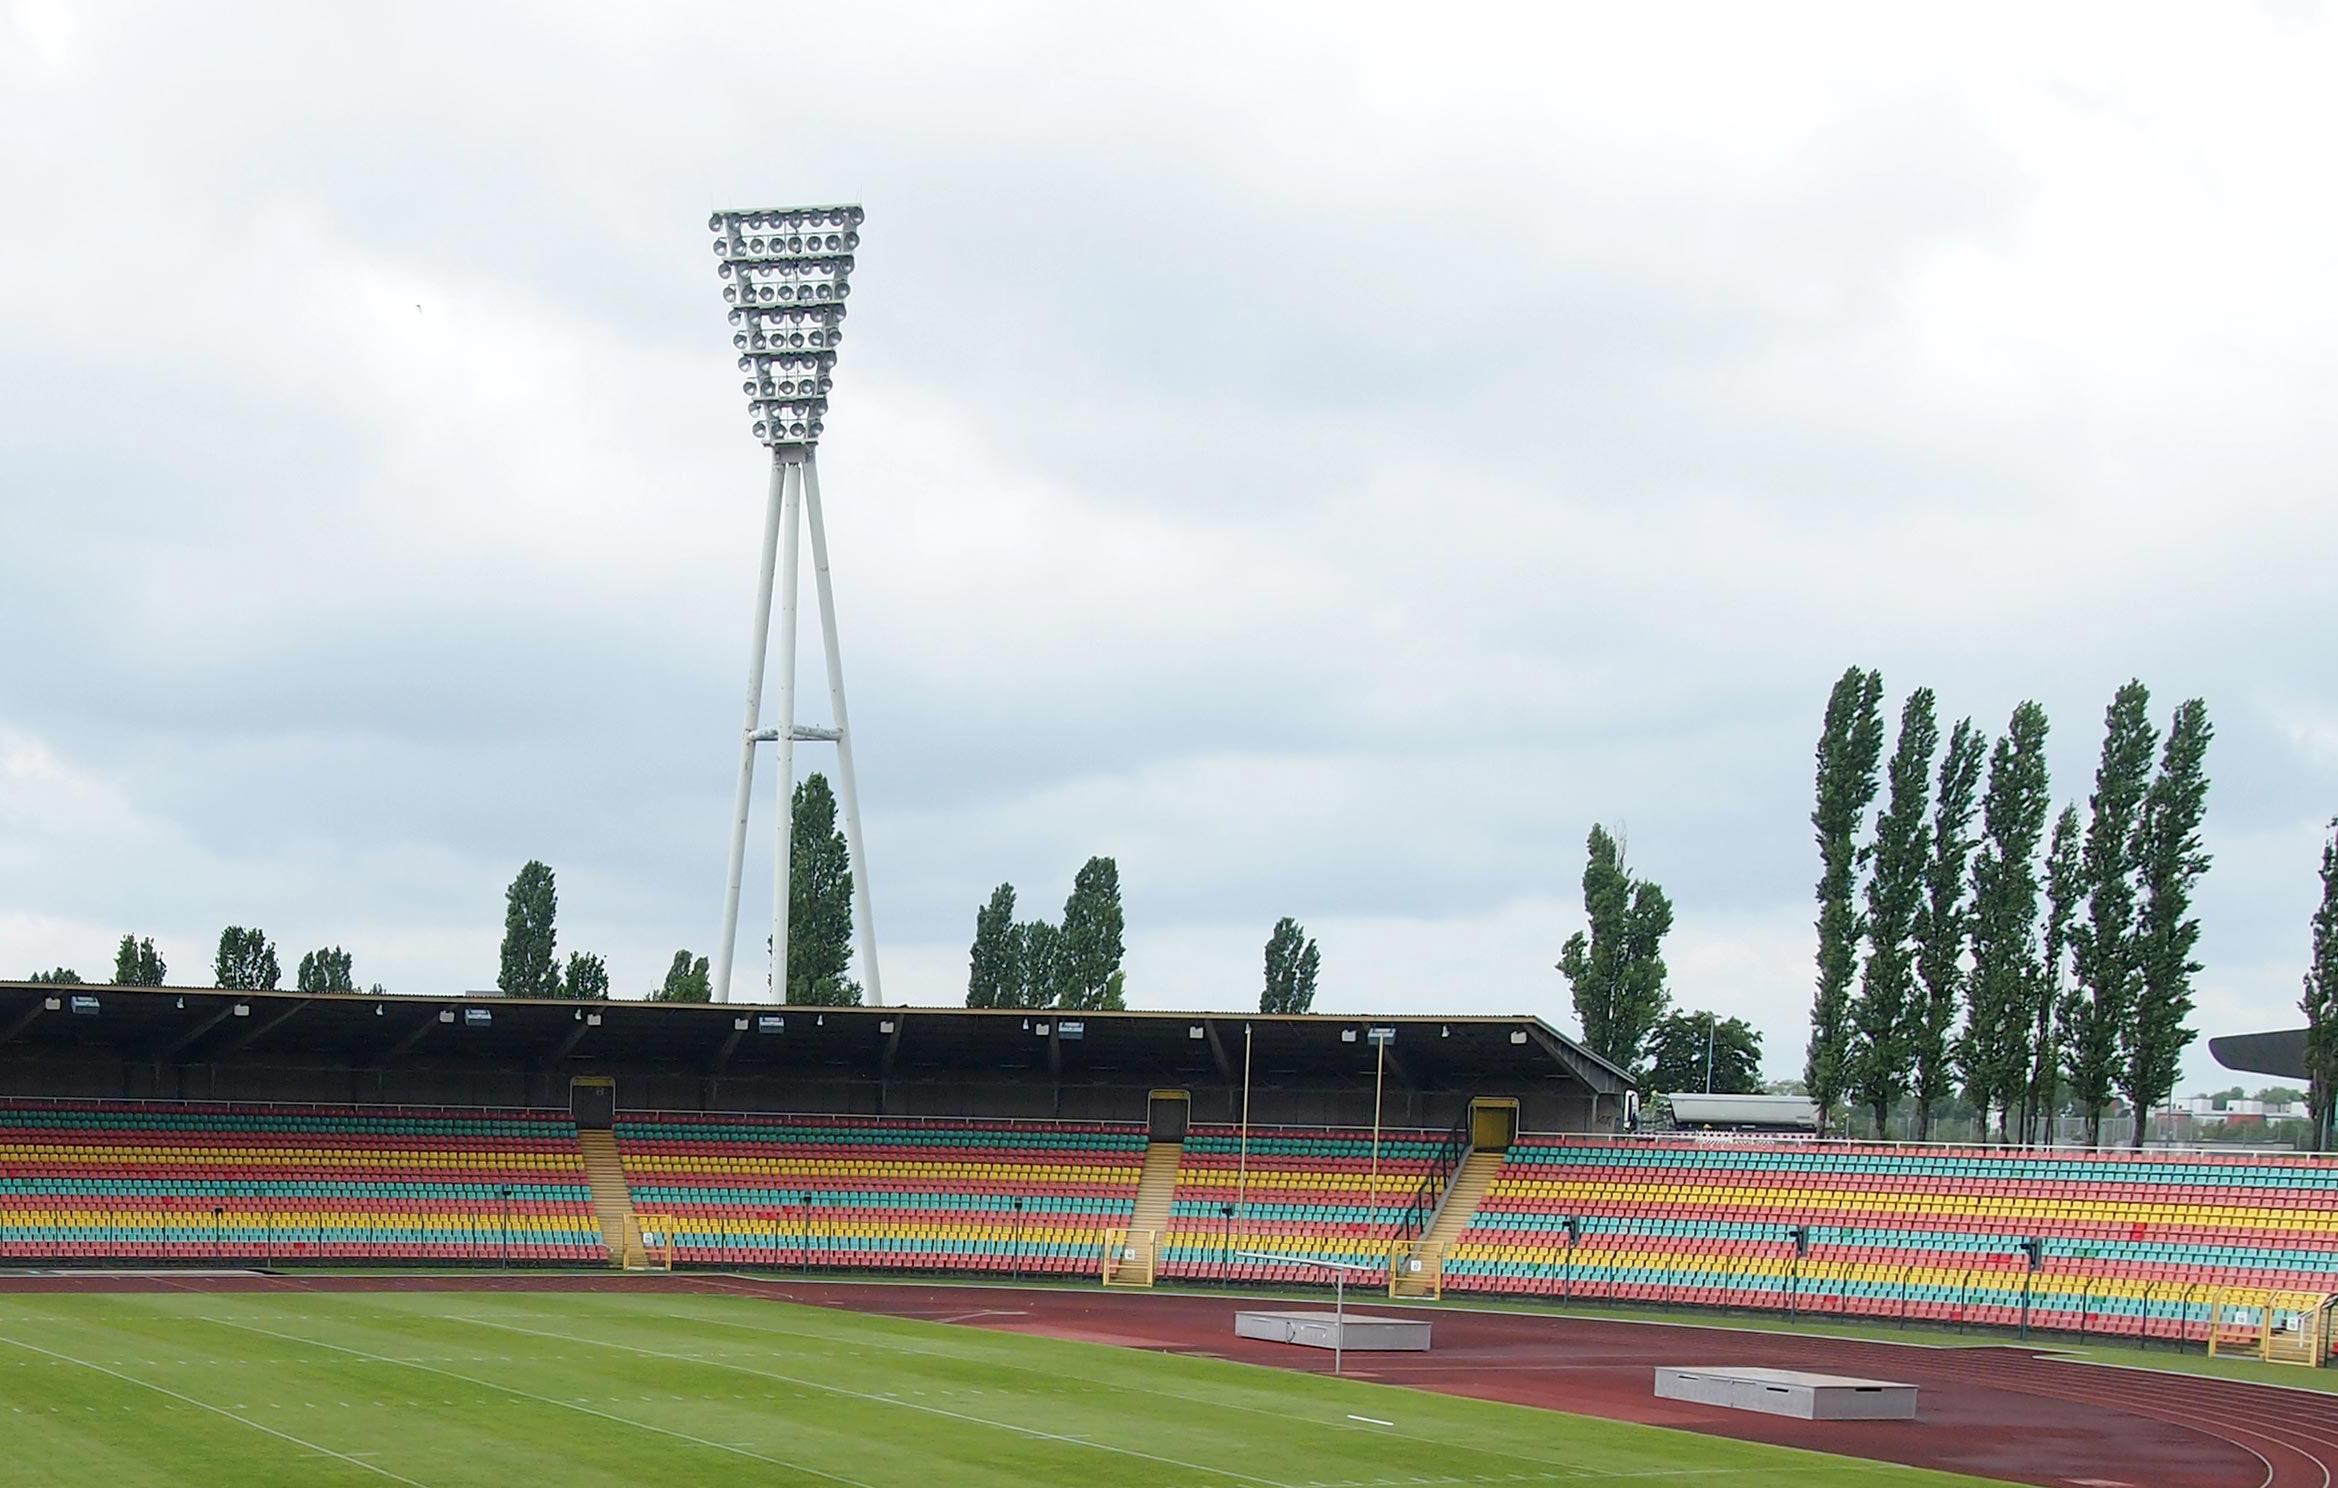 2016, Bedarfsplanung und Machbarkeitsstudie Friedrich-Ludwig-Jahn Sportpark, Berlin